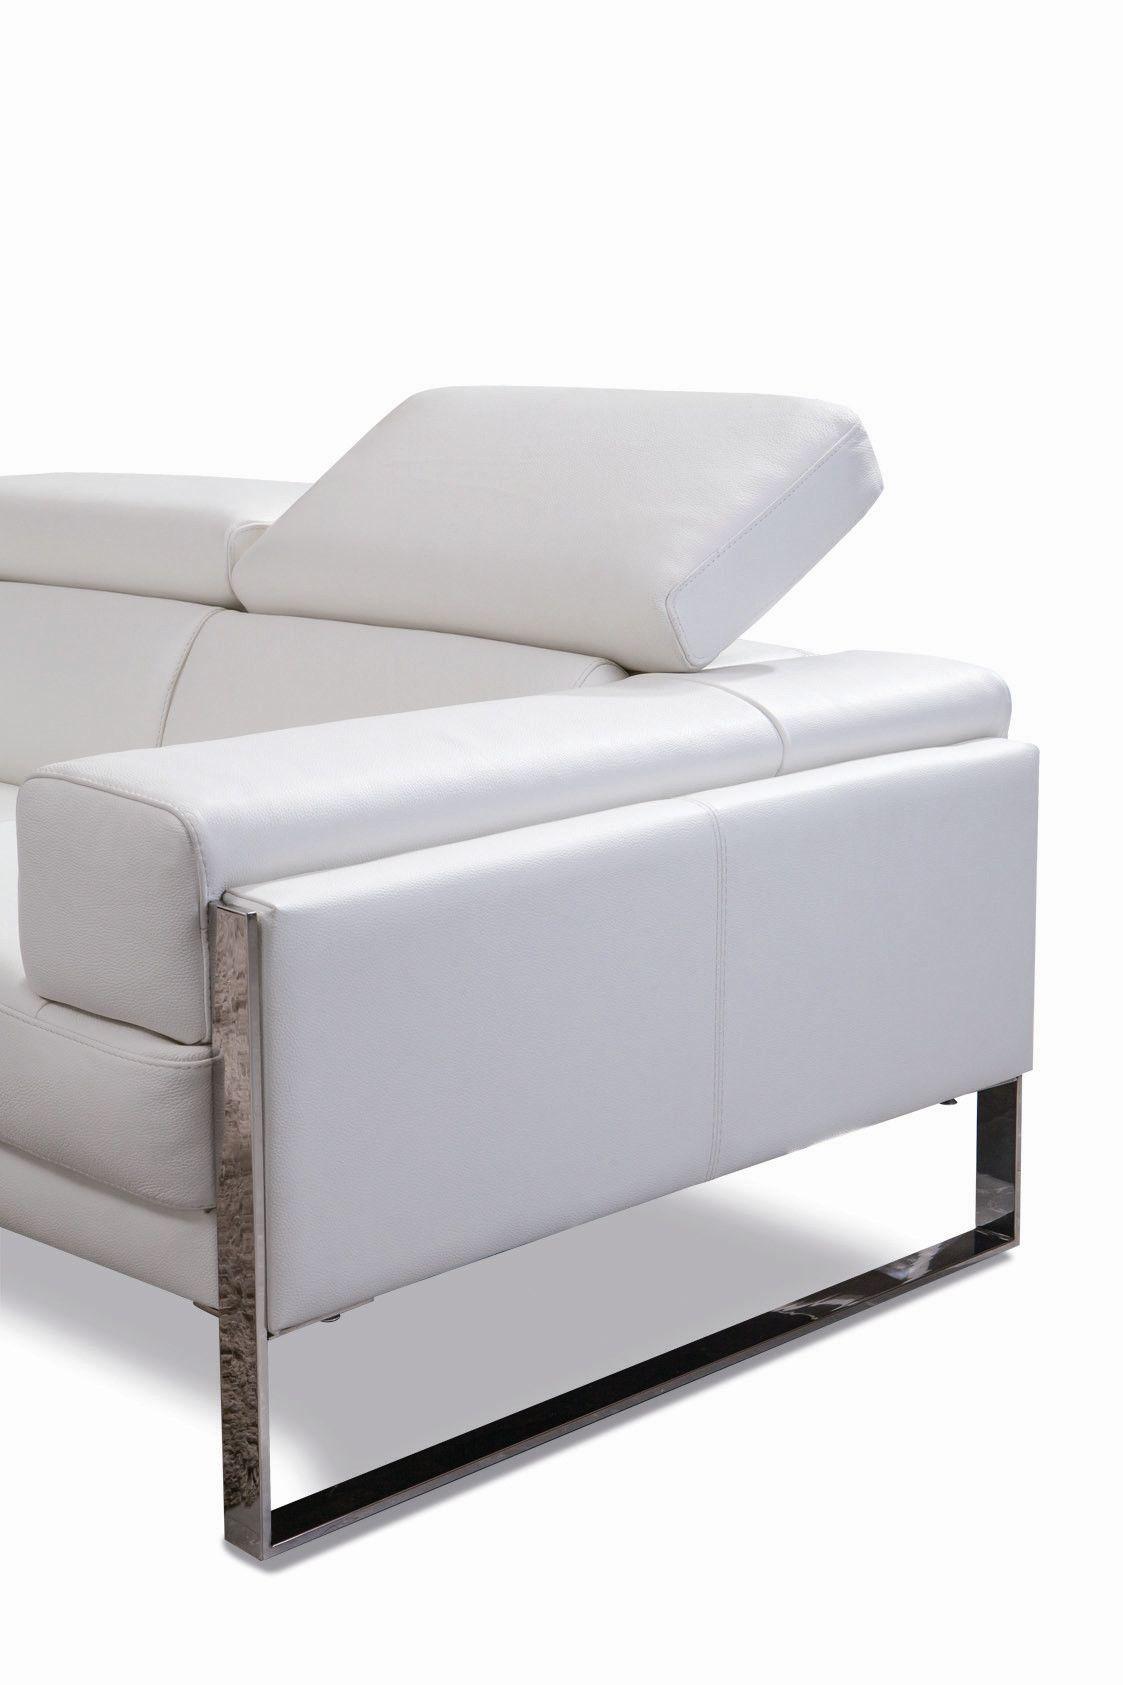 Polstermöbel - Sofas 808Die Möbel aus Italien